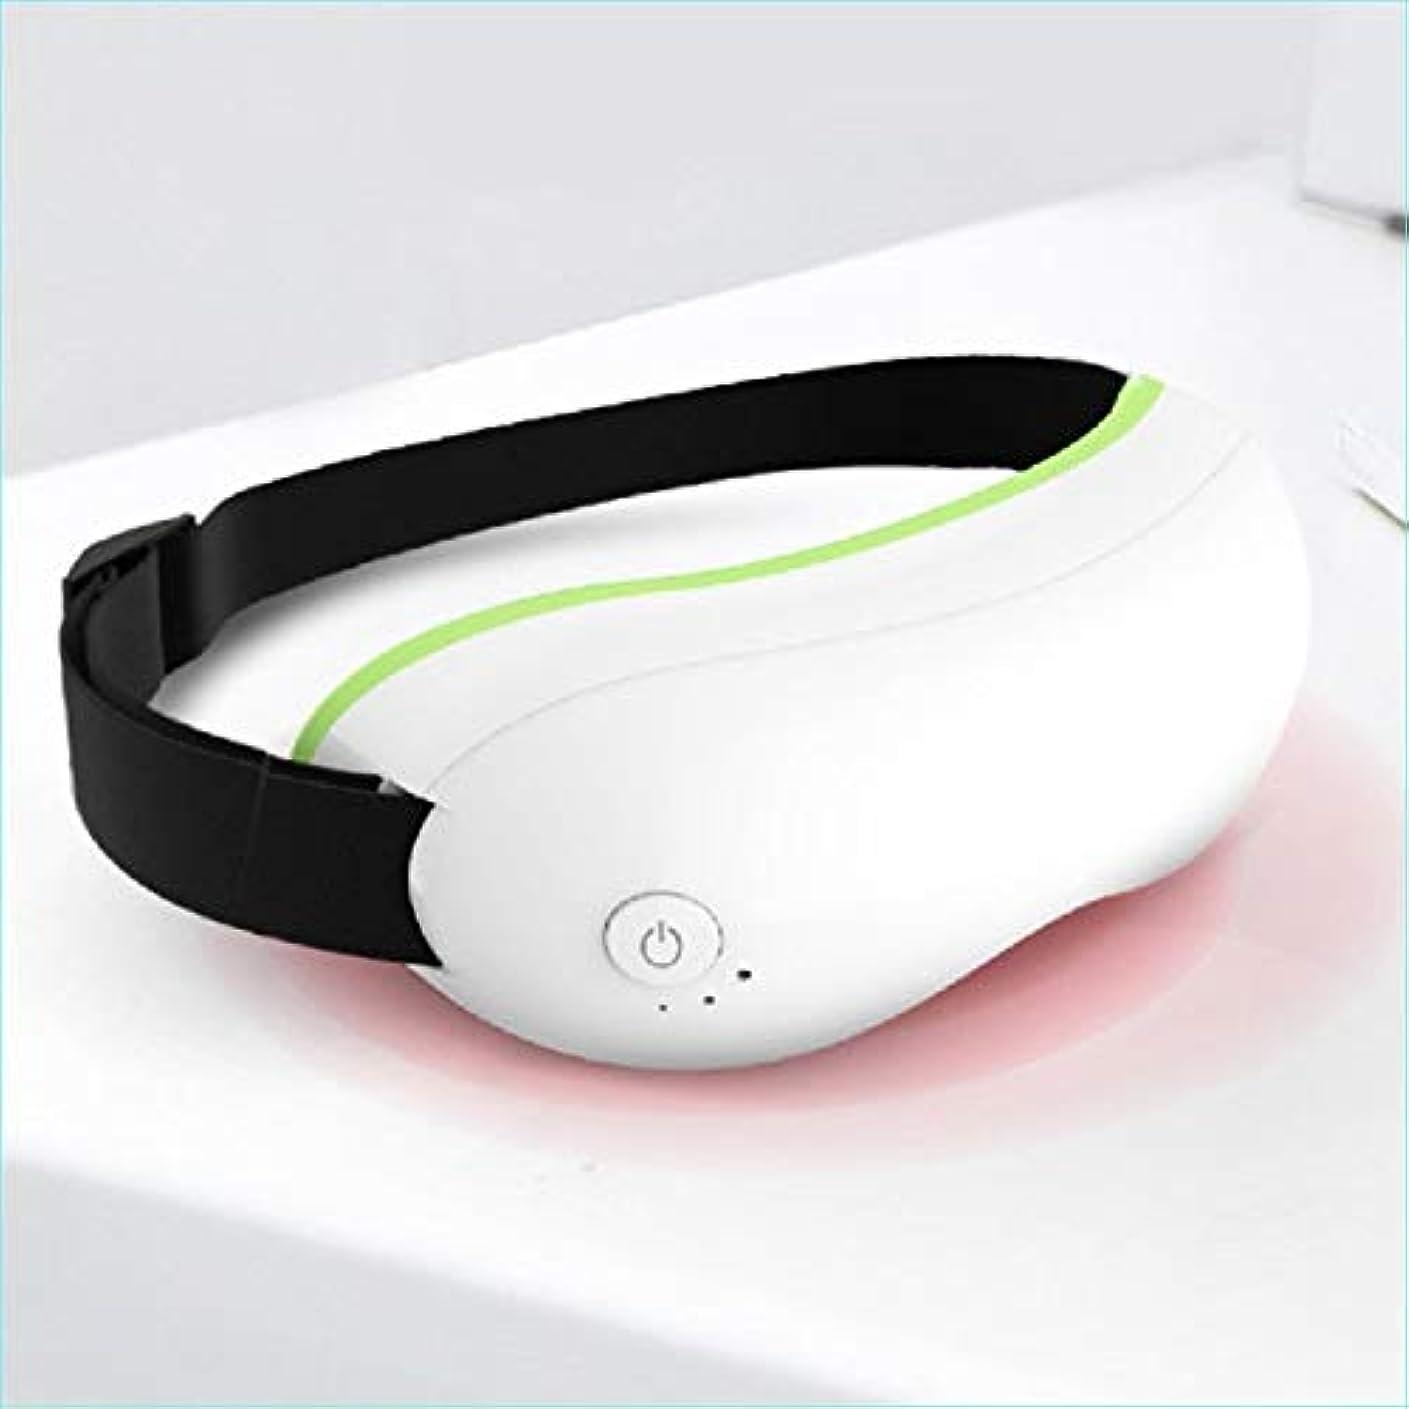 硬さ黄ばむもう一度Ruzzy 暖房付きの高度な充電式ワイヤレスインテリジェント振動アイマッサージ 購入へようこそ (Color : White)